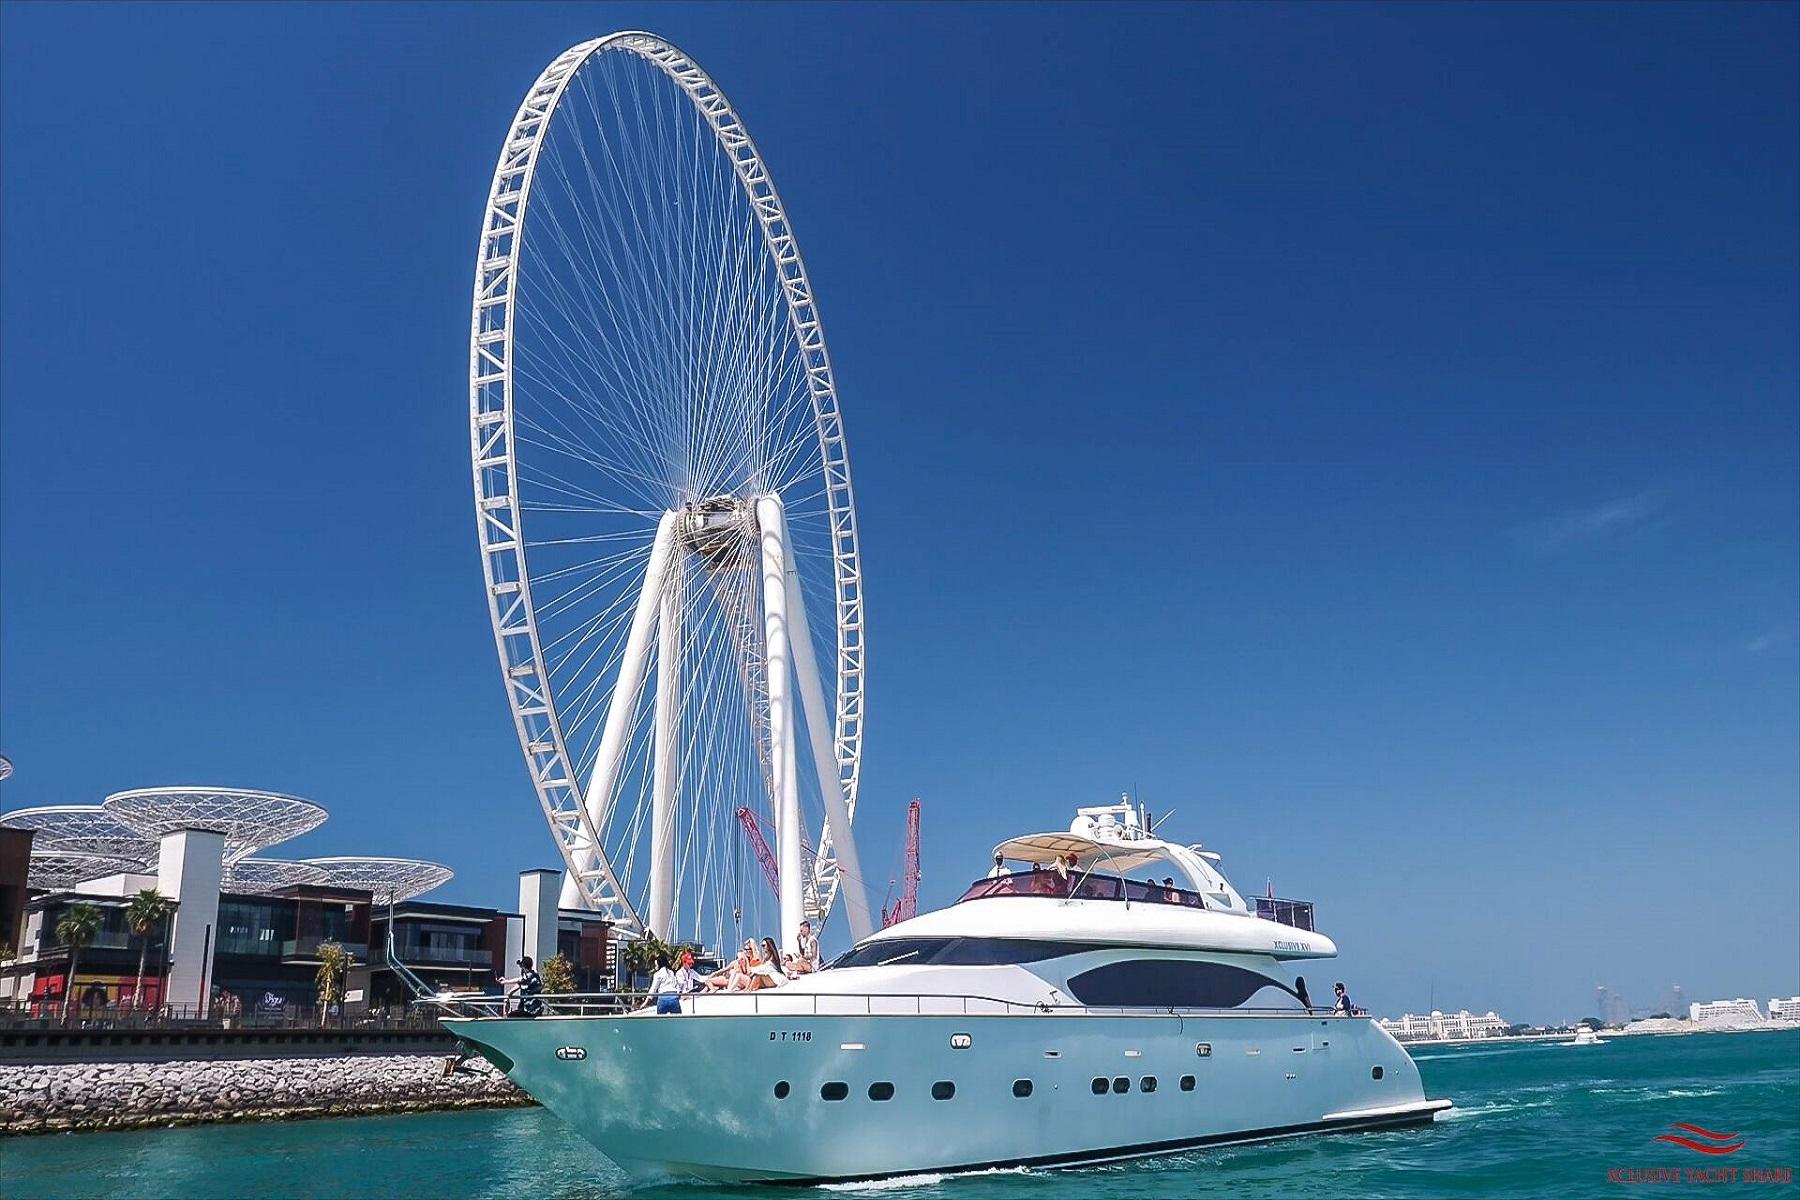 Ντουμπάι Κορωνοϊός: Τα σκάφη προσφέρουν κοινωνικά απομακρυσμένη πολυτέλεια